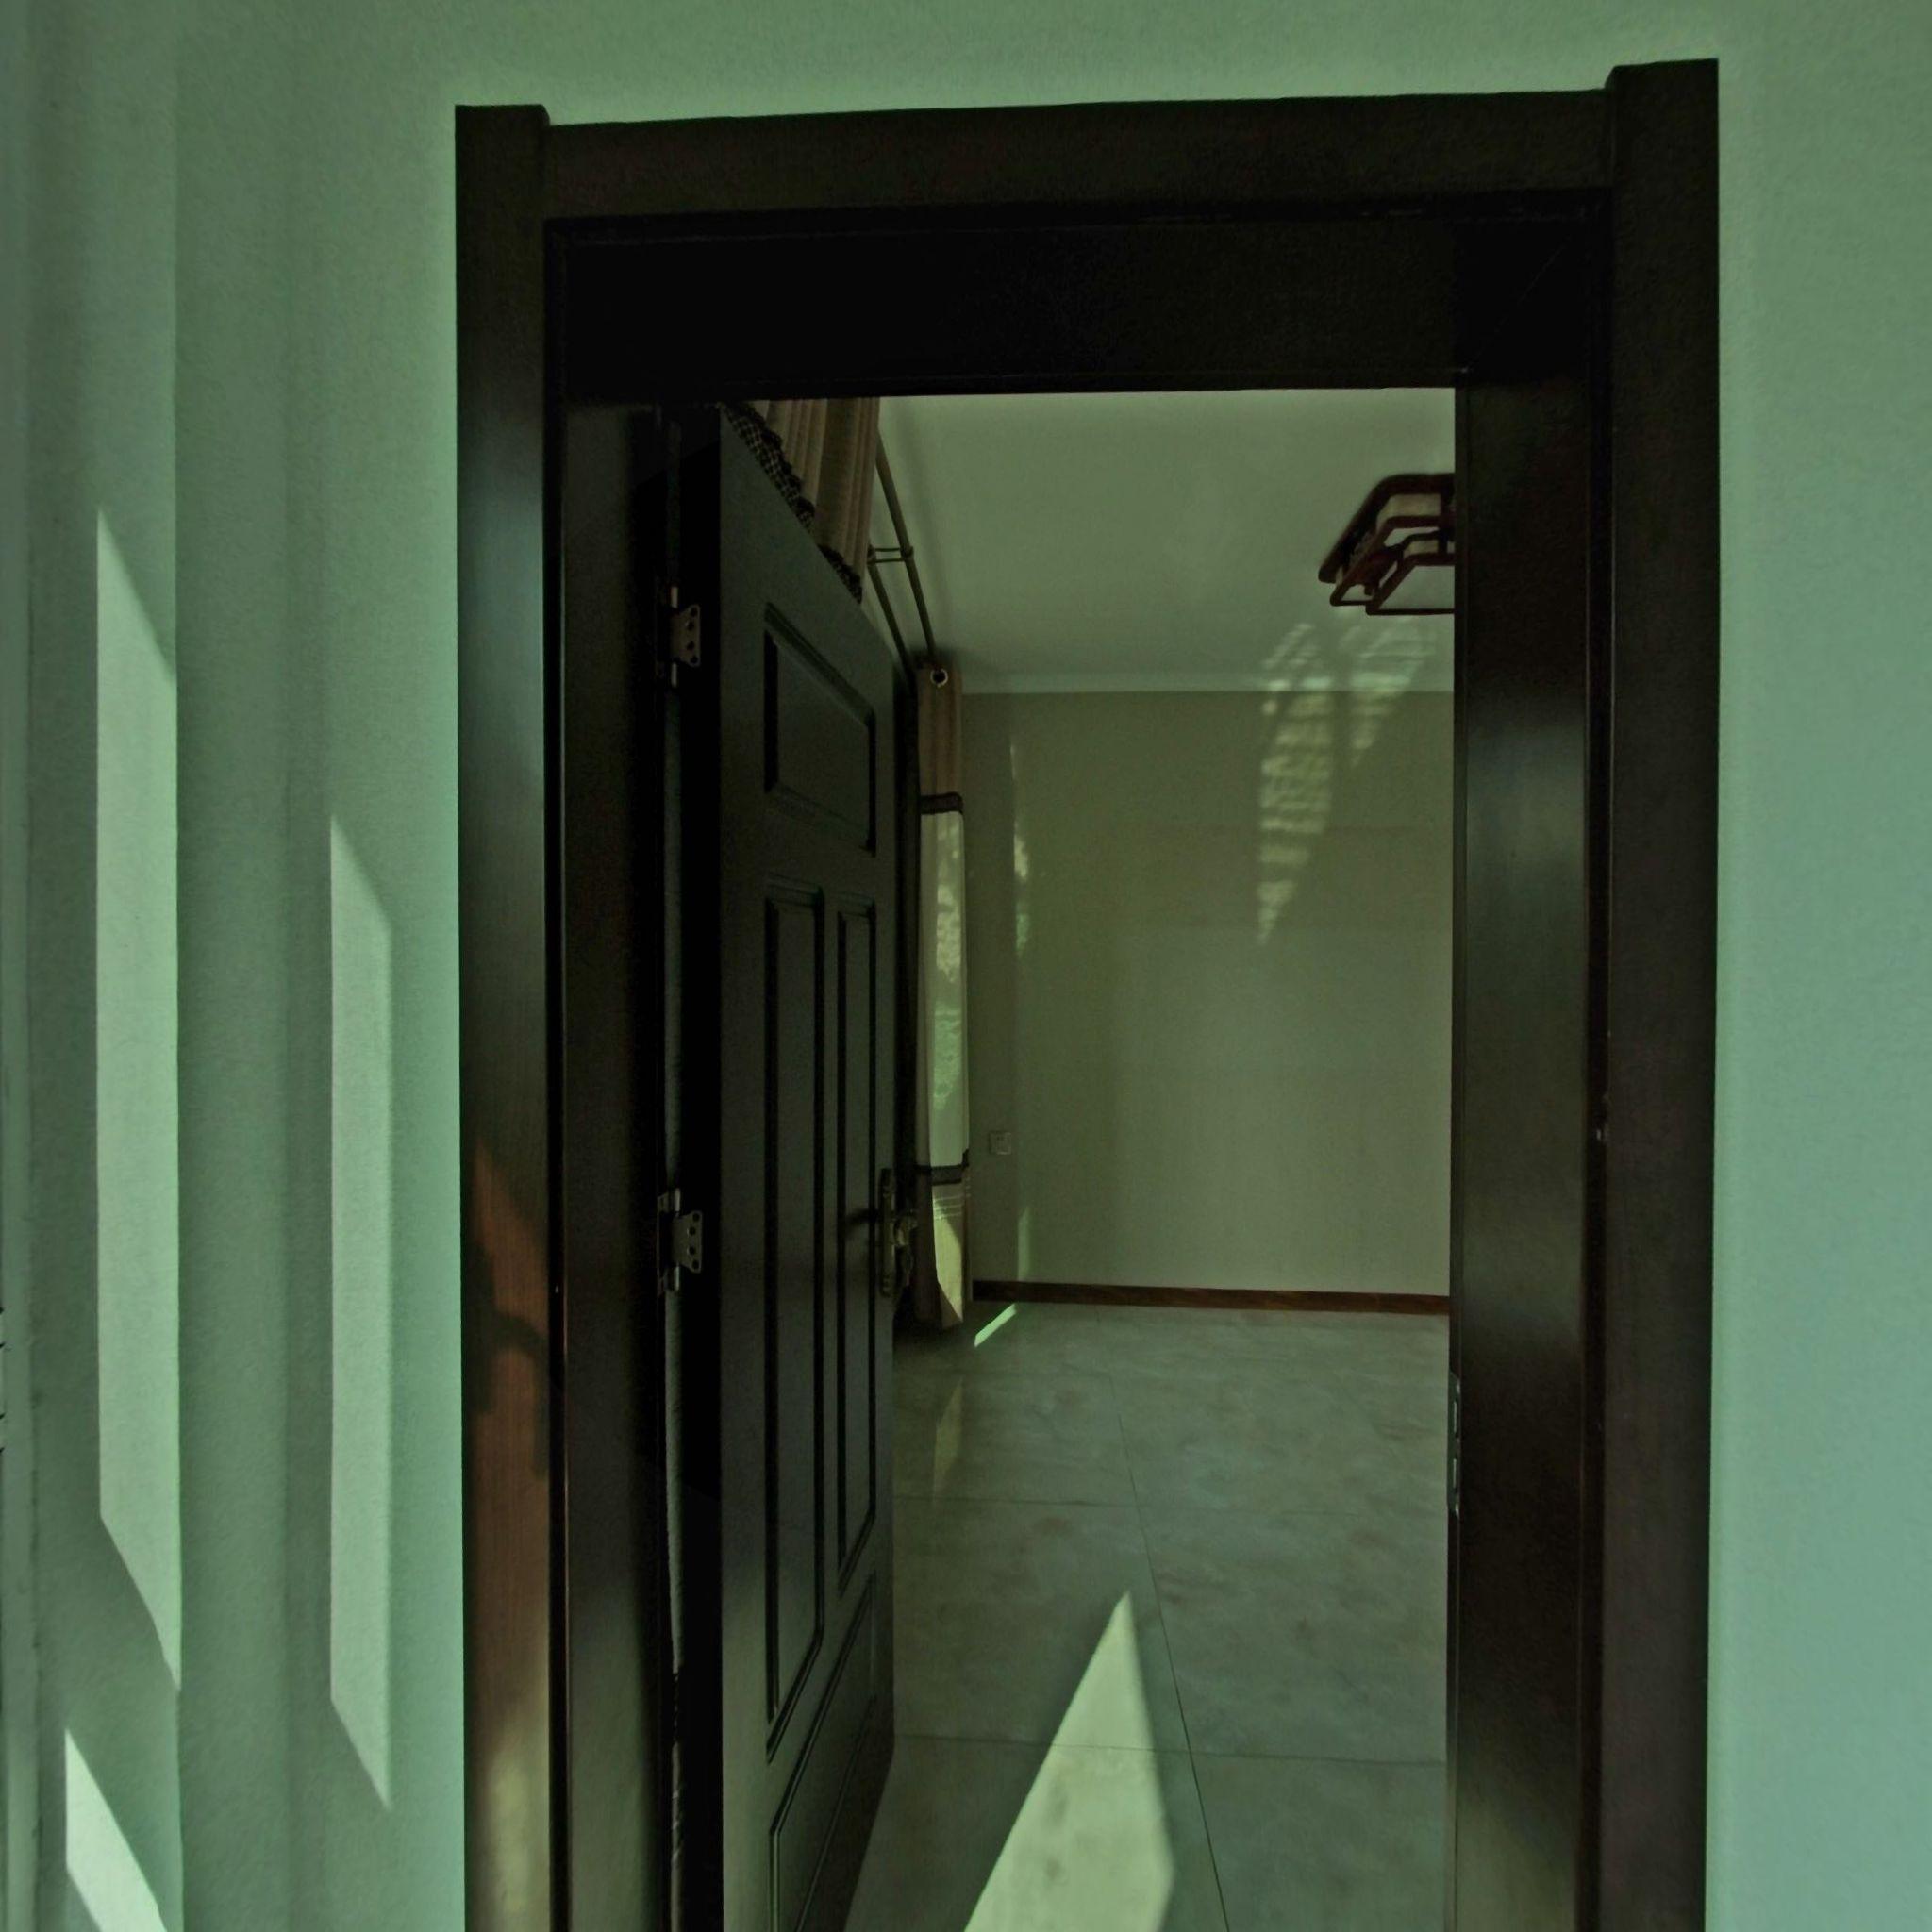 城关区雁滩高新区精装2室2厅1卫二手房出售